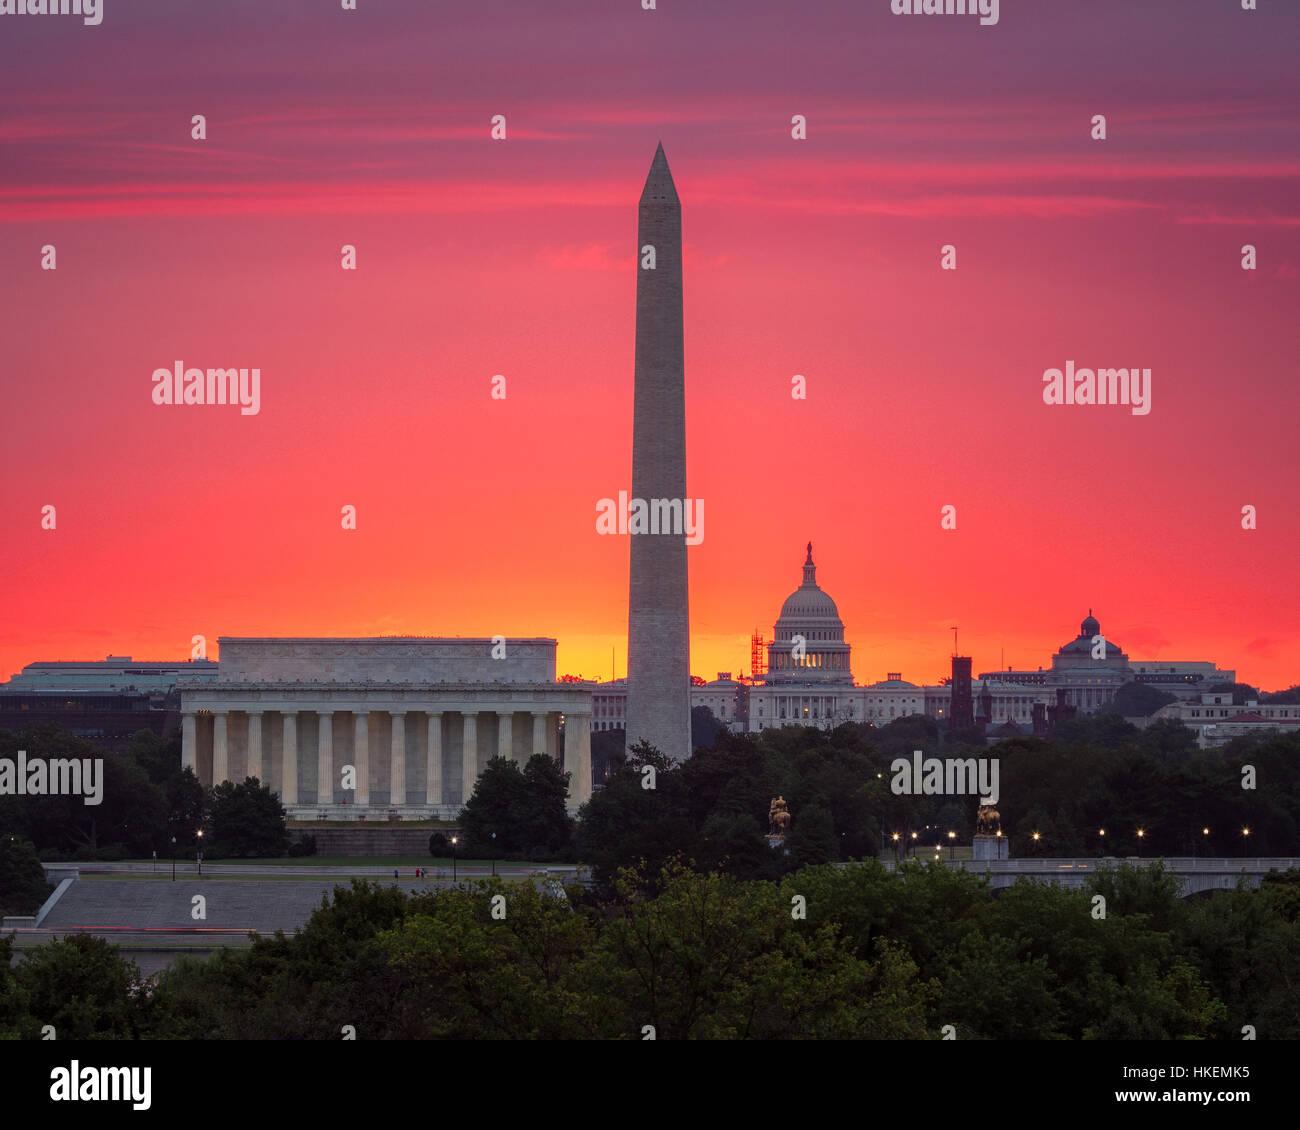 La lueur d'un soleil qui se lève derrière le Capitole Photo Stock